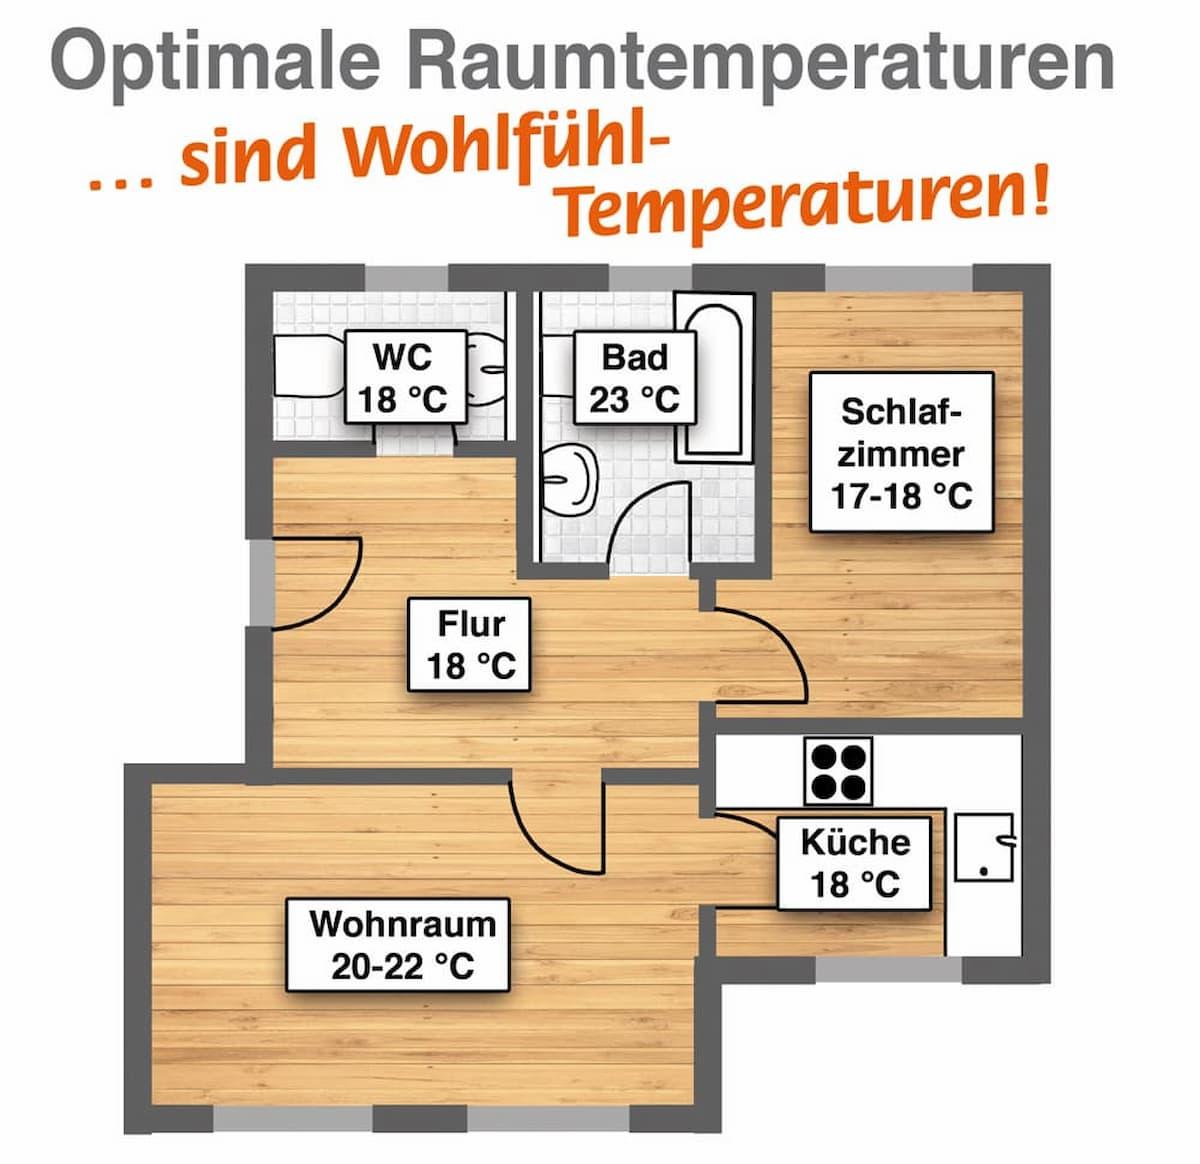 Optimale Temperaturen sind Wohlfühl-Temperaturen